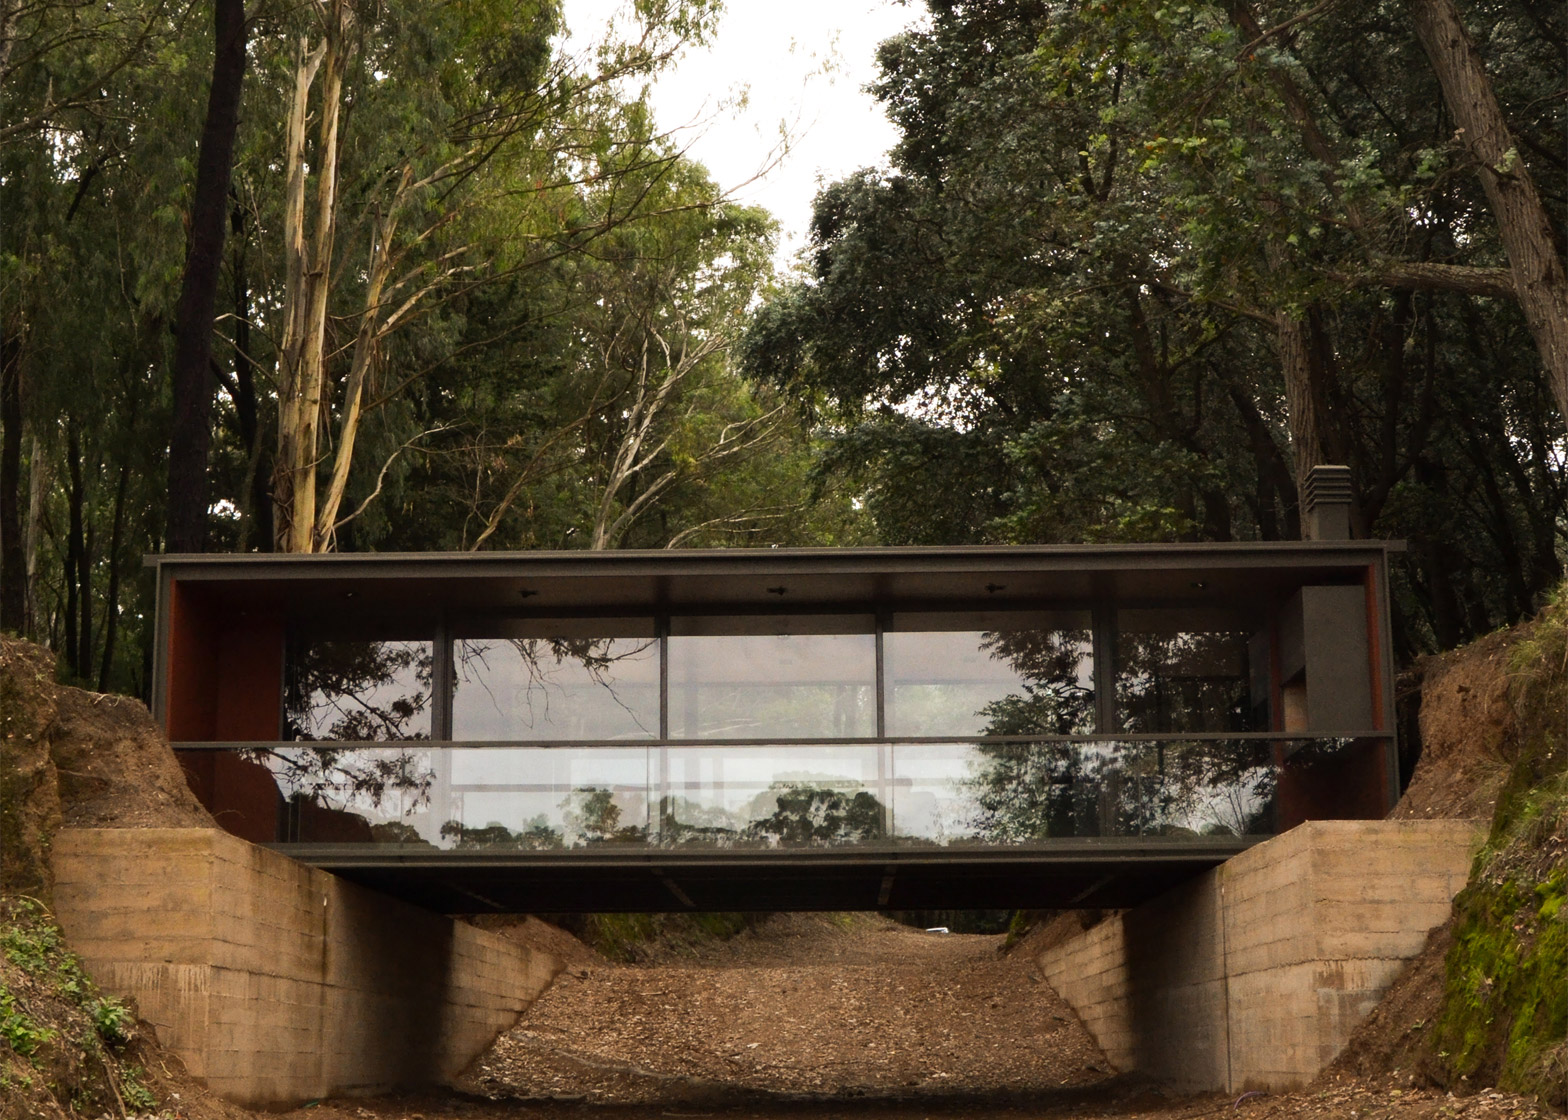 Pabellón-Puente by Alarciaferrer Arquitectos